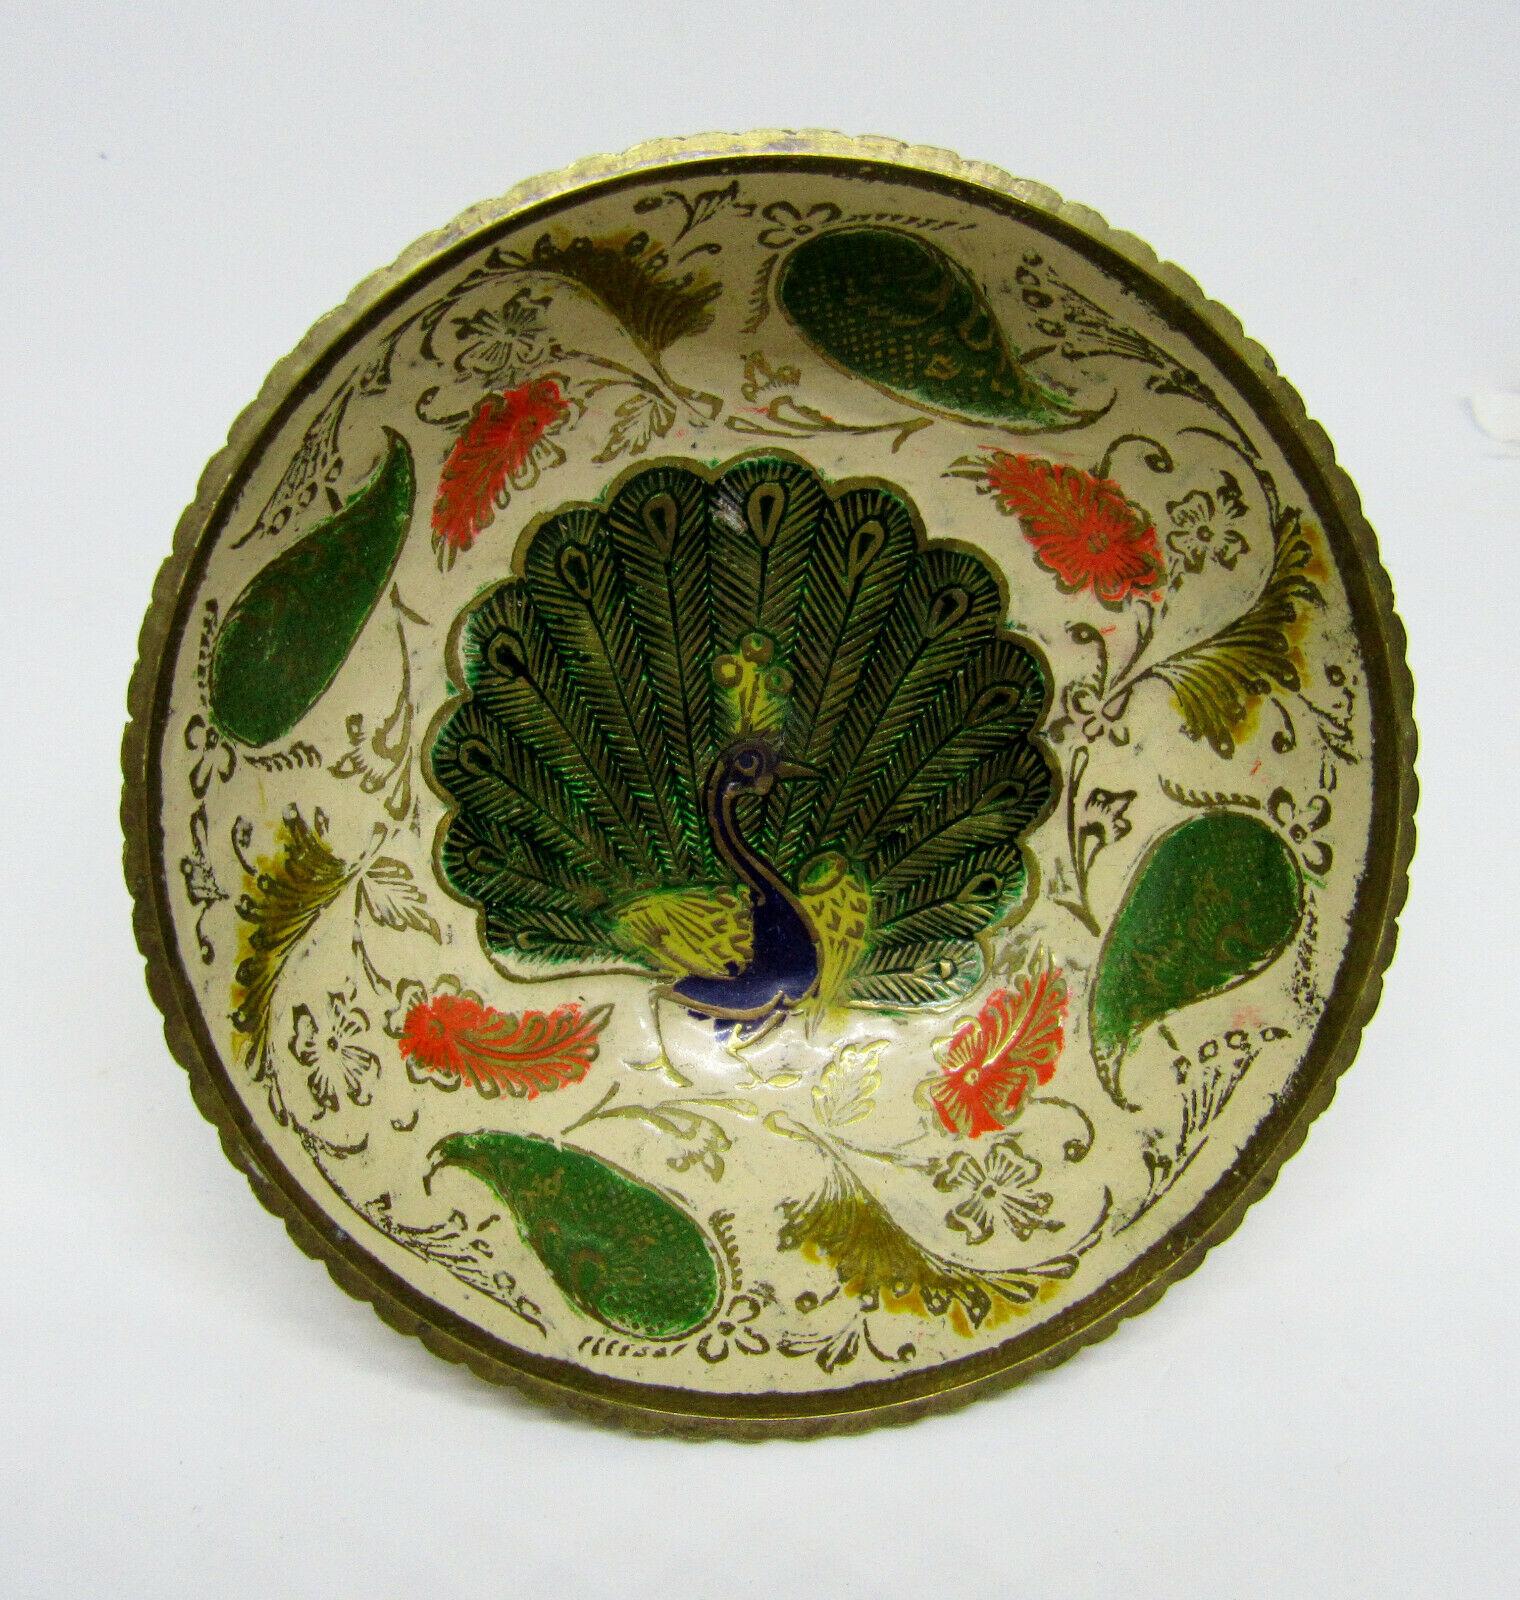 Vintage Brass Ornate Peacock Enameled Bowl on Pedestal image 4